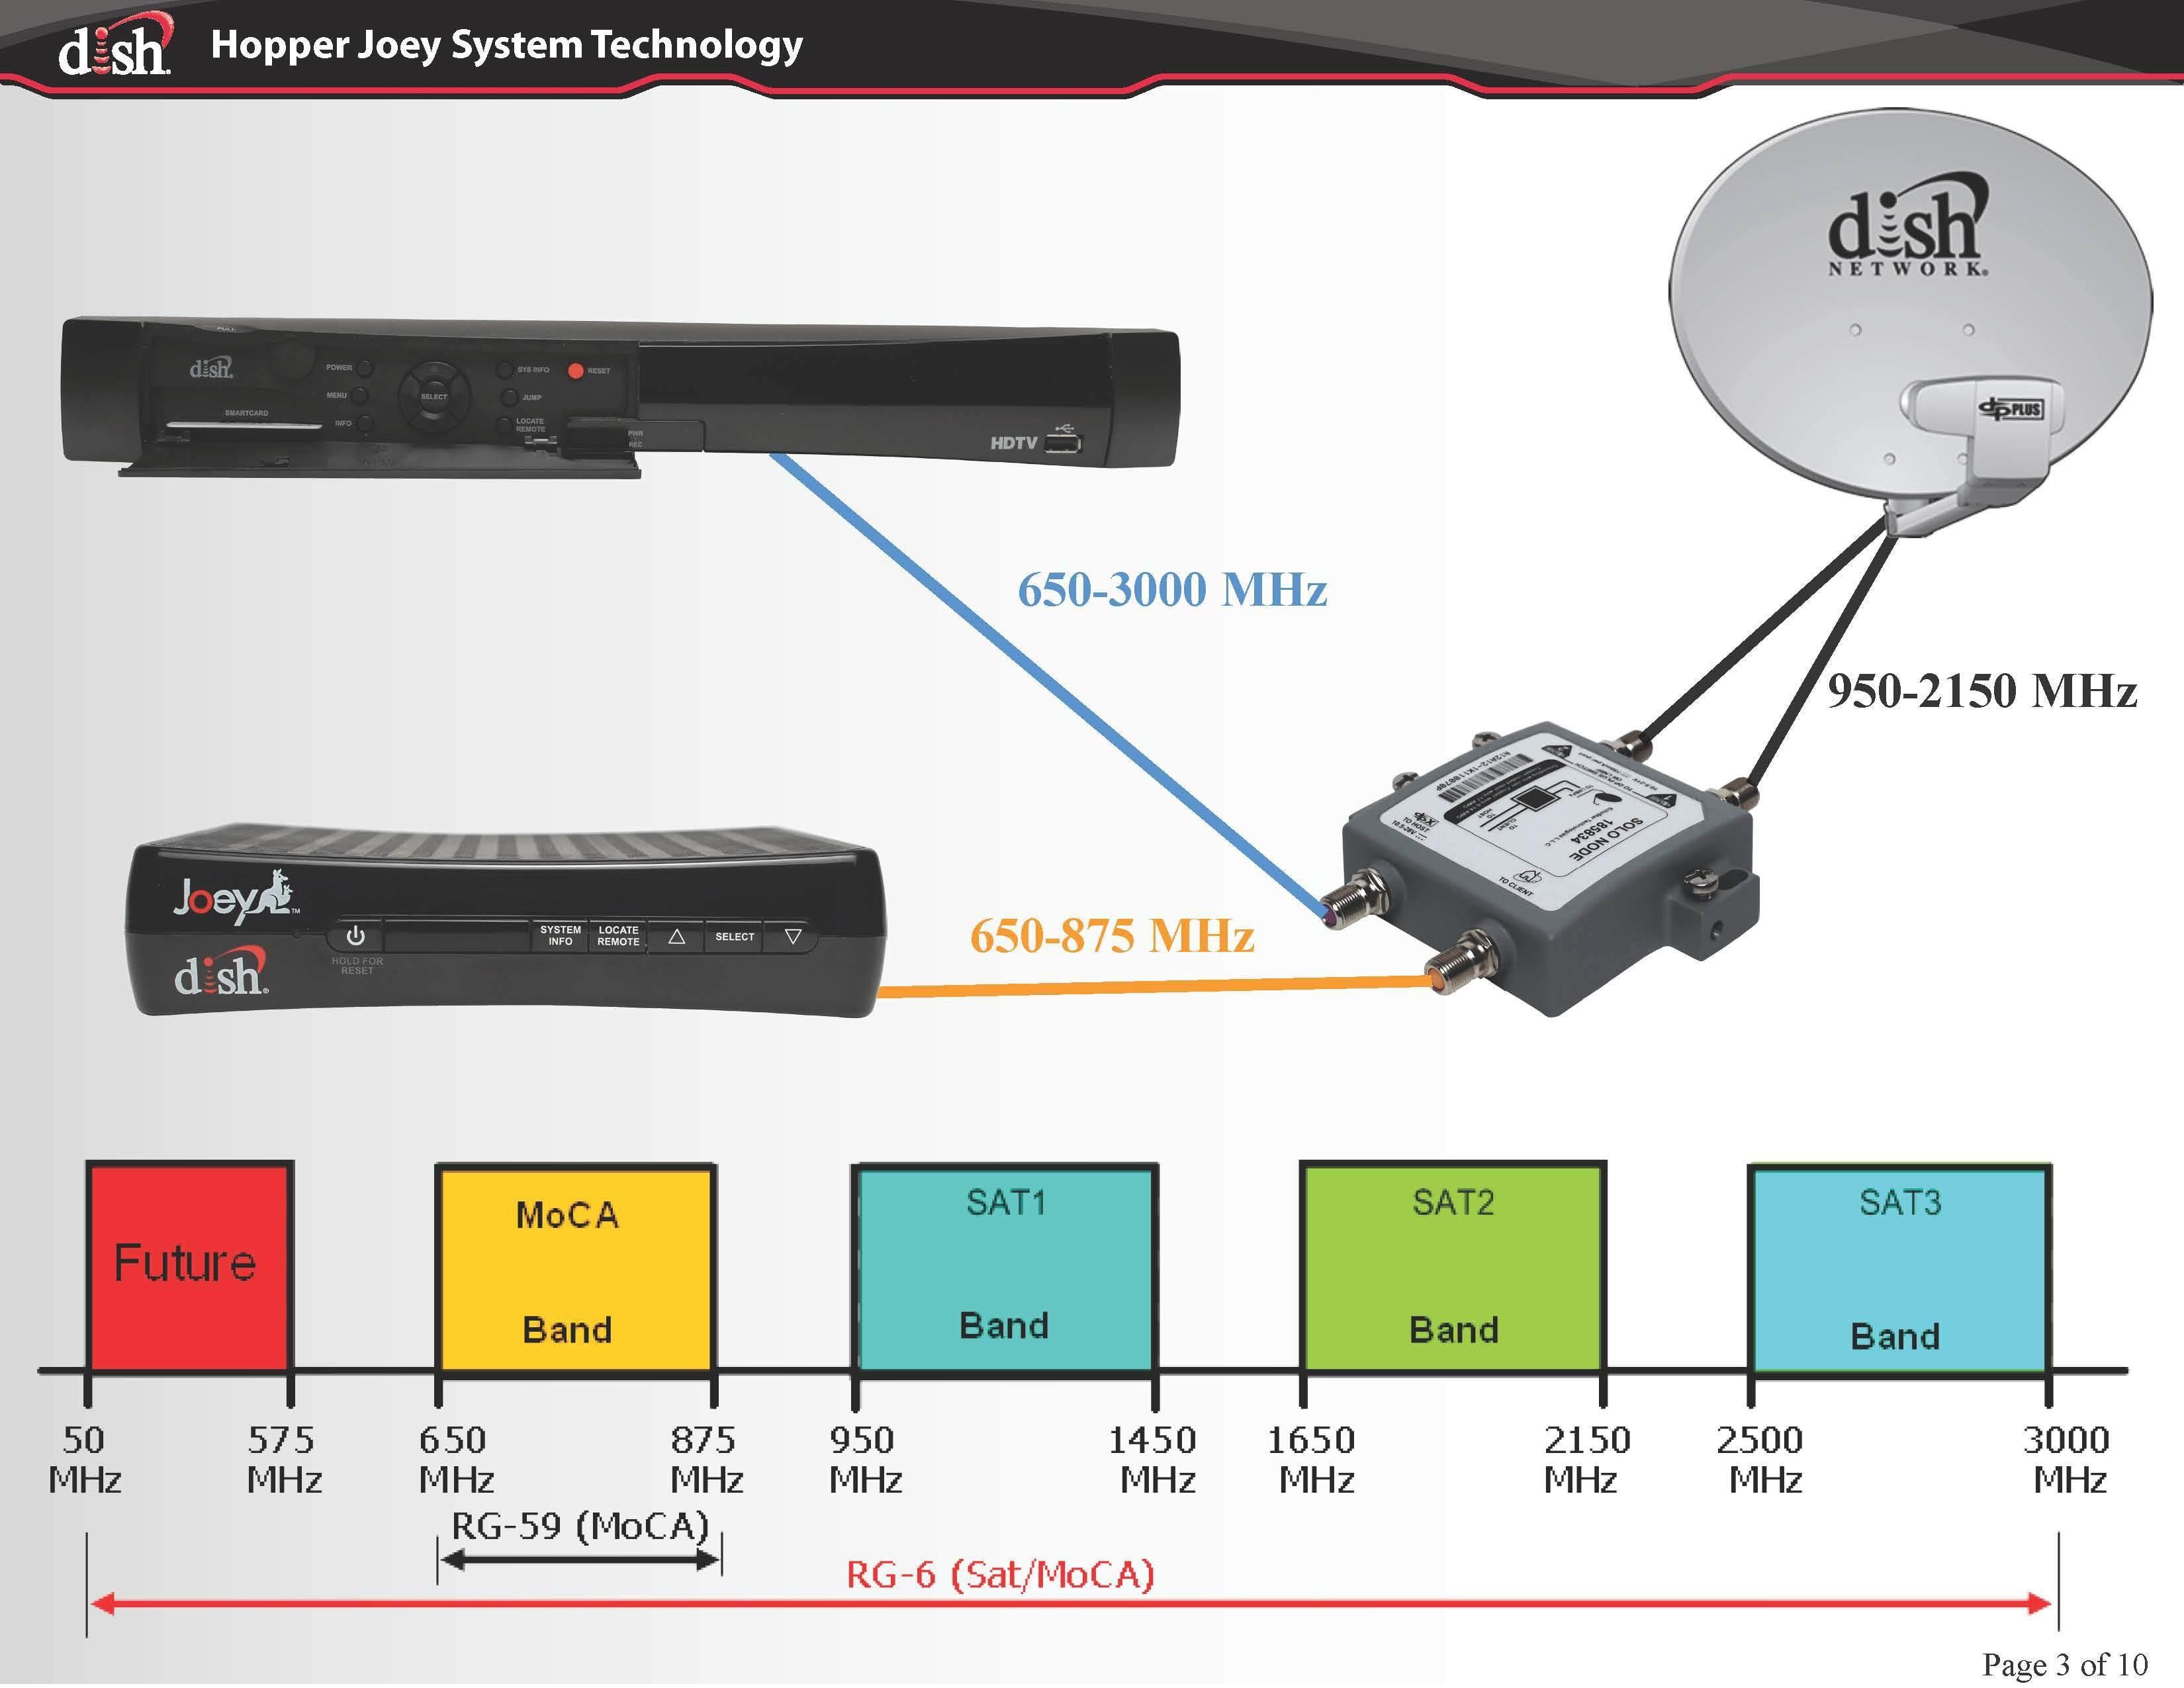 Satellite Dish Wiring Diagram Dish Network Satellite Wiring Diagram Wiring solutions Of Satellite Dish Wiring Diagram